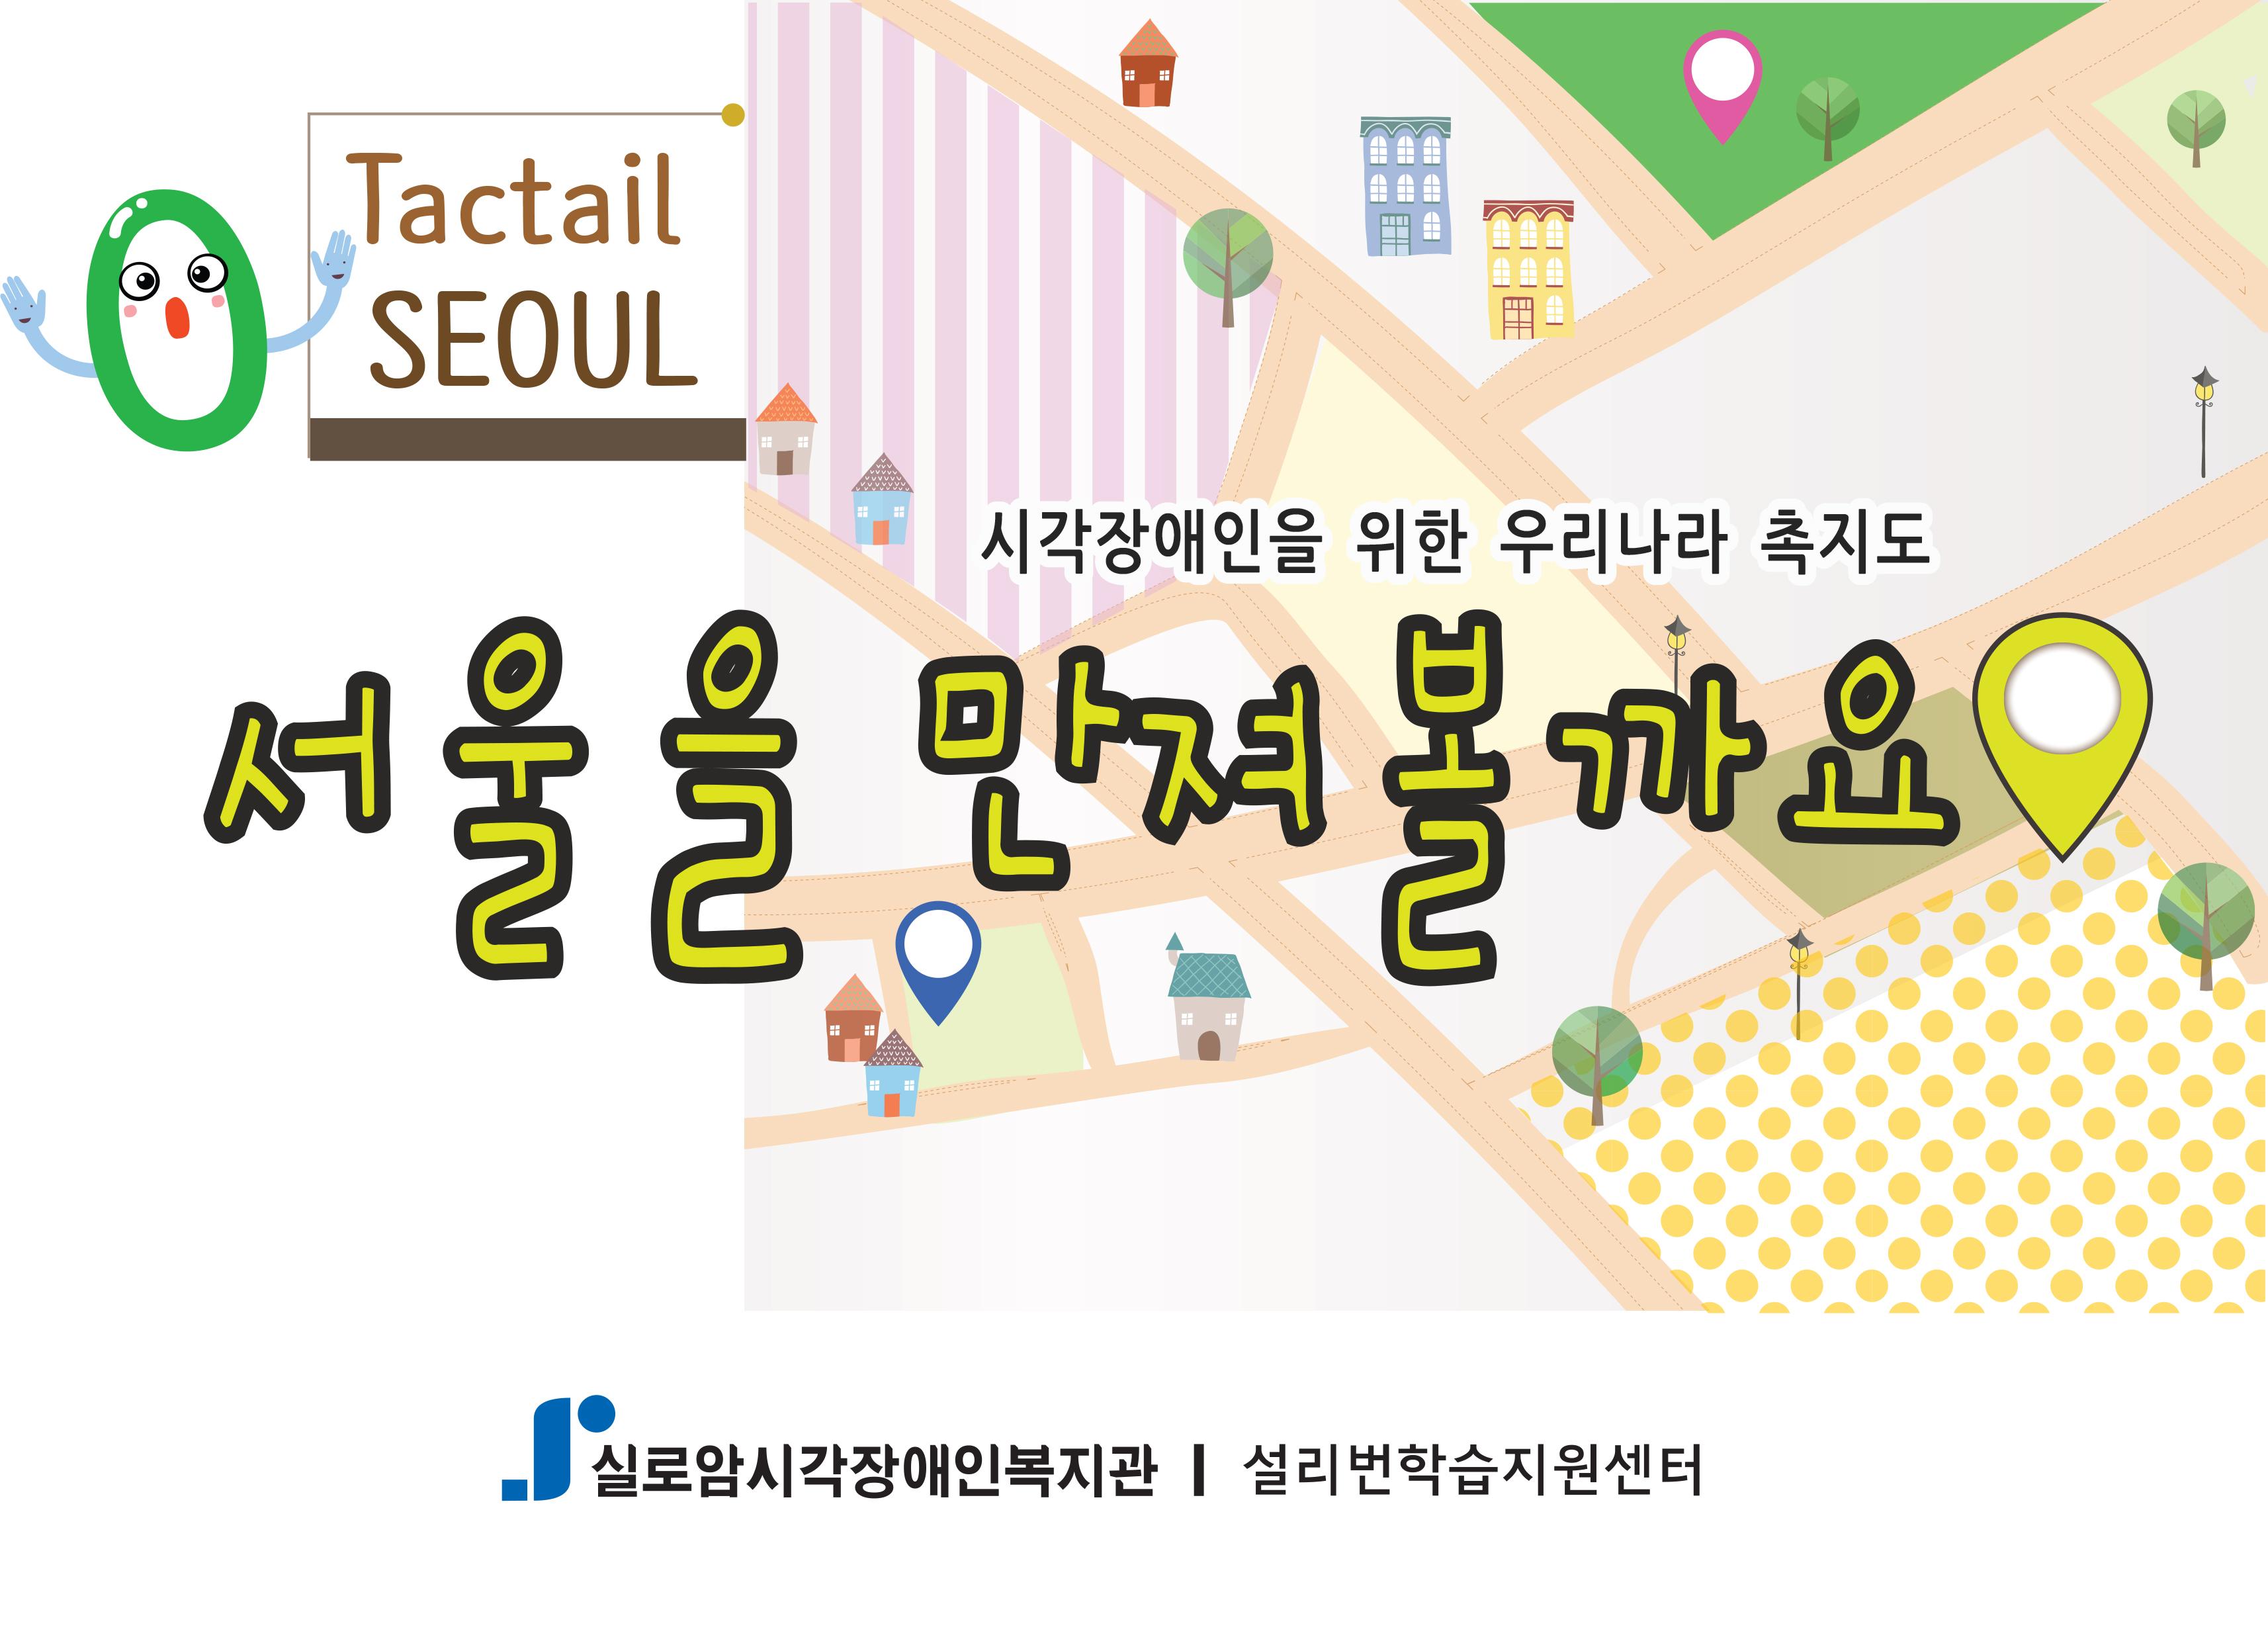 (사회,교양) 텍타일(Tactail) 서울, 서울을 만져볼까요! 썸네일